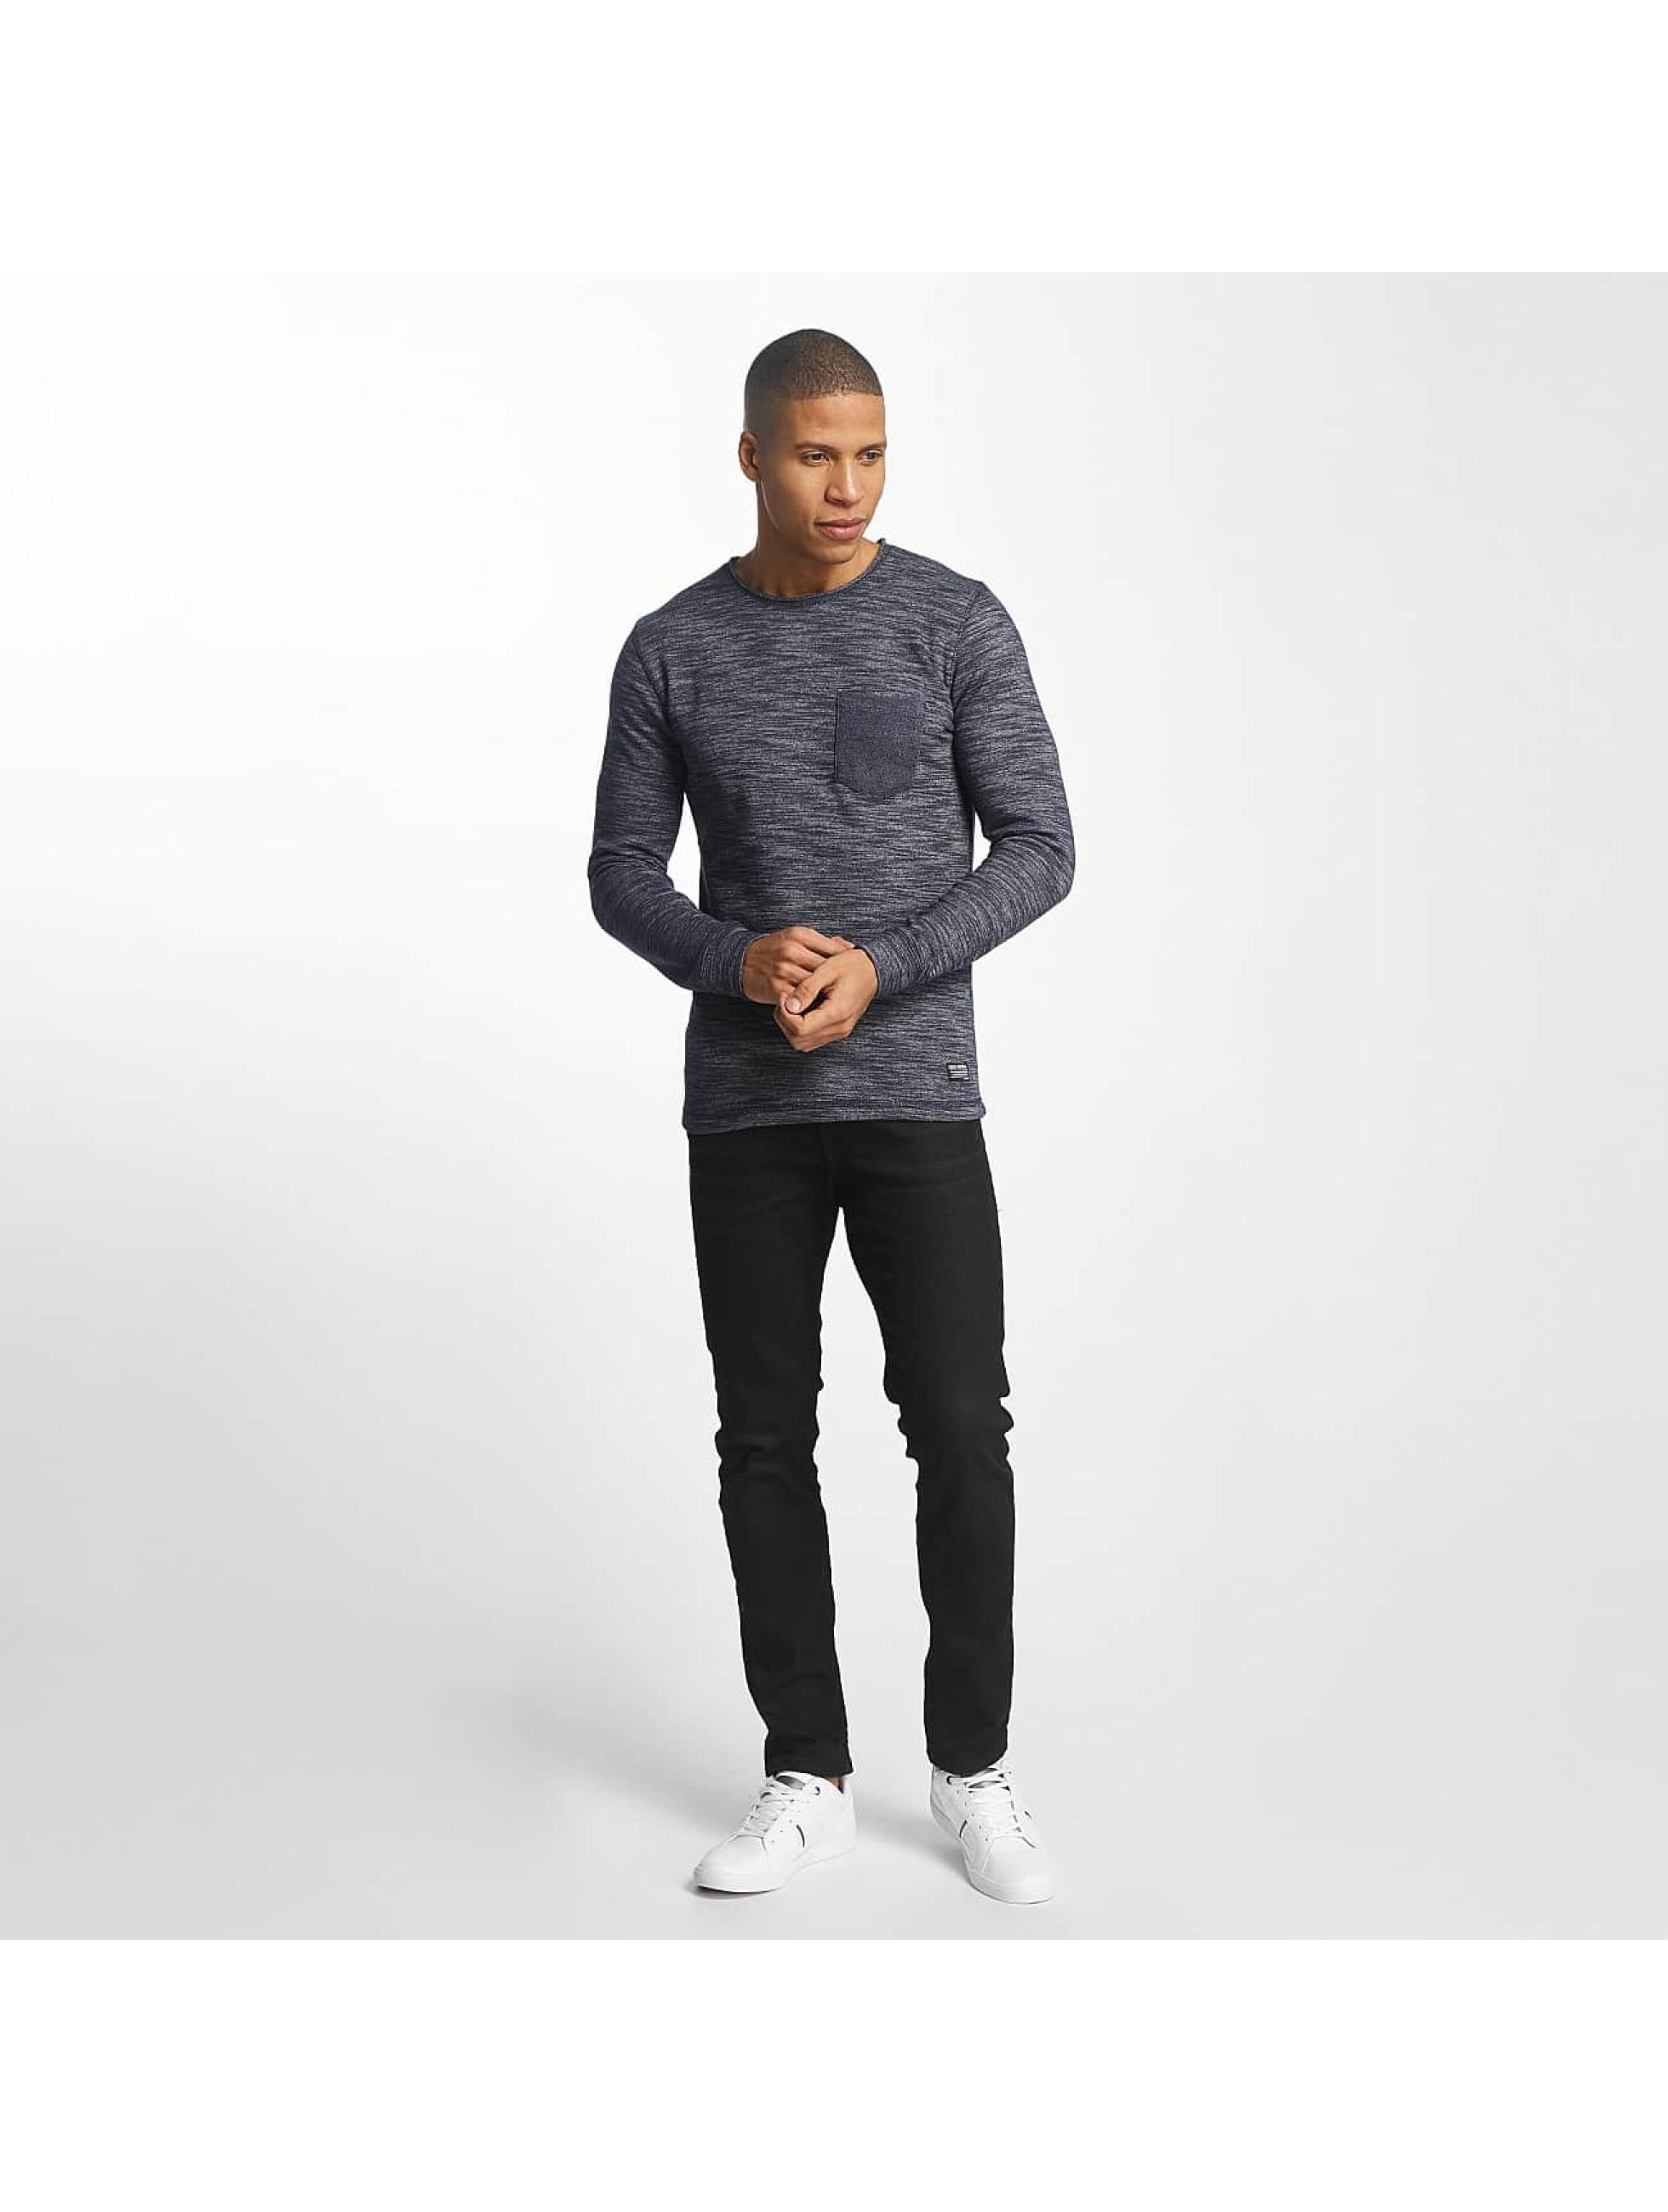 SHINE Original Pullover Malcom Pocket Inside Out blau